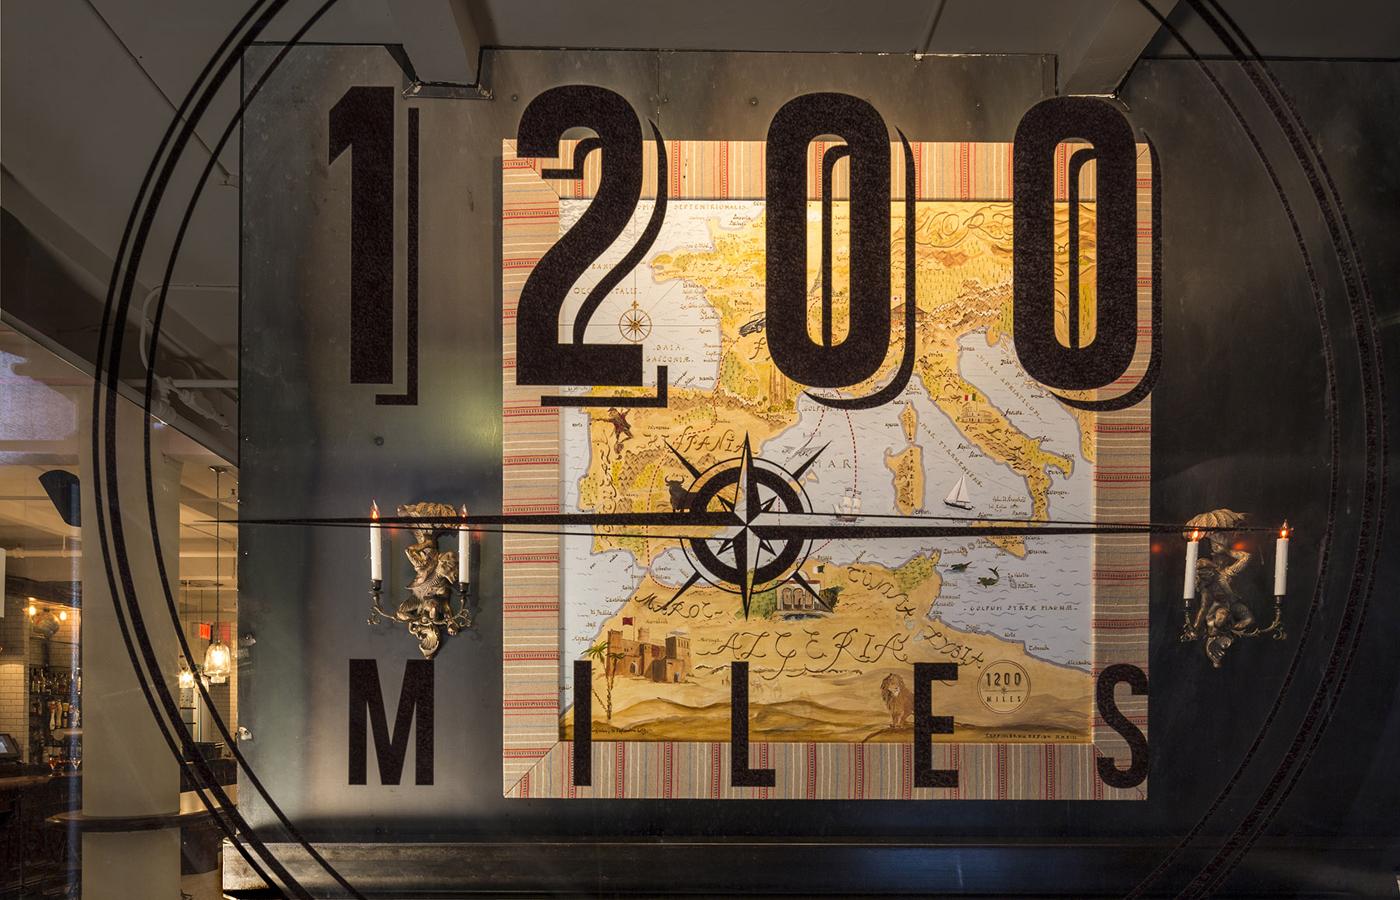 1200 Miles Restaurant in Flatiron